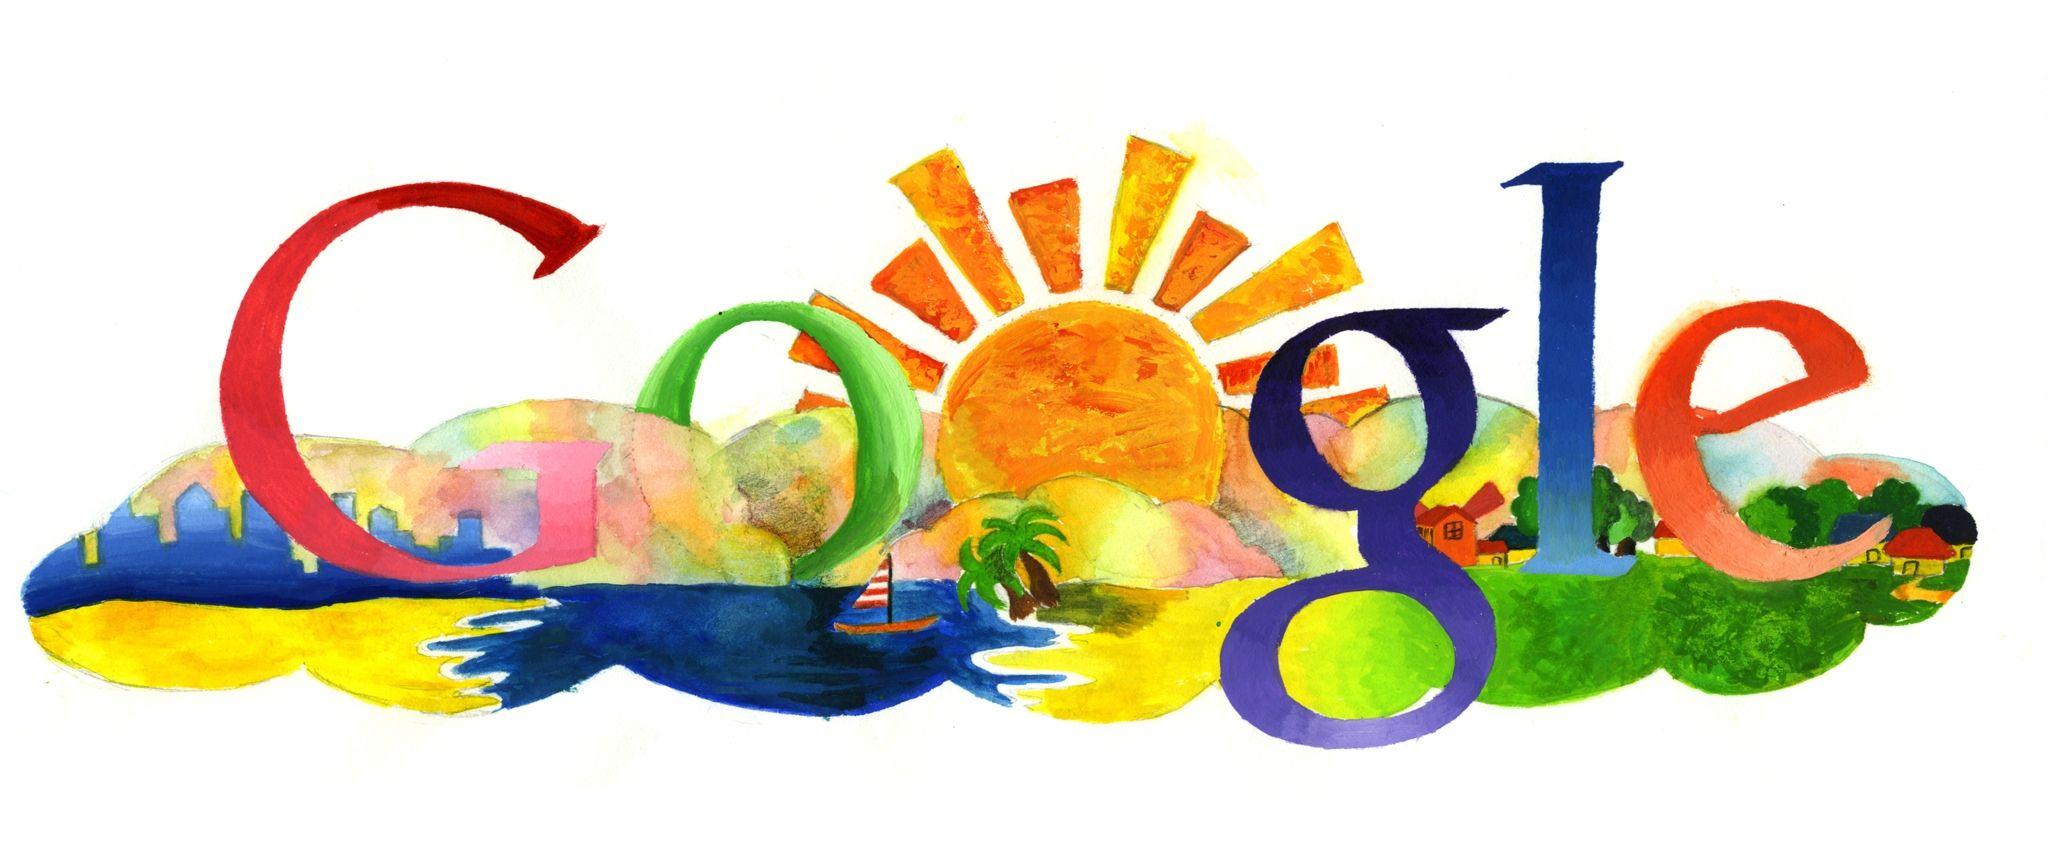 Google s Doodle 4 Google Logo Contest  Get Doodling  Kids . Google Home Design. Home Design Ideas